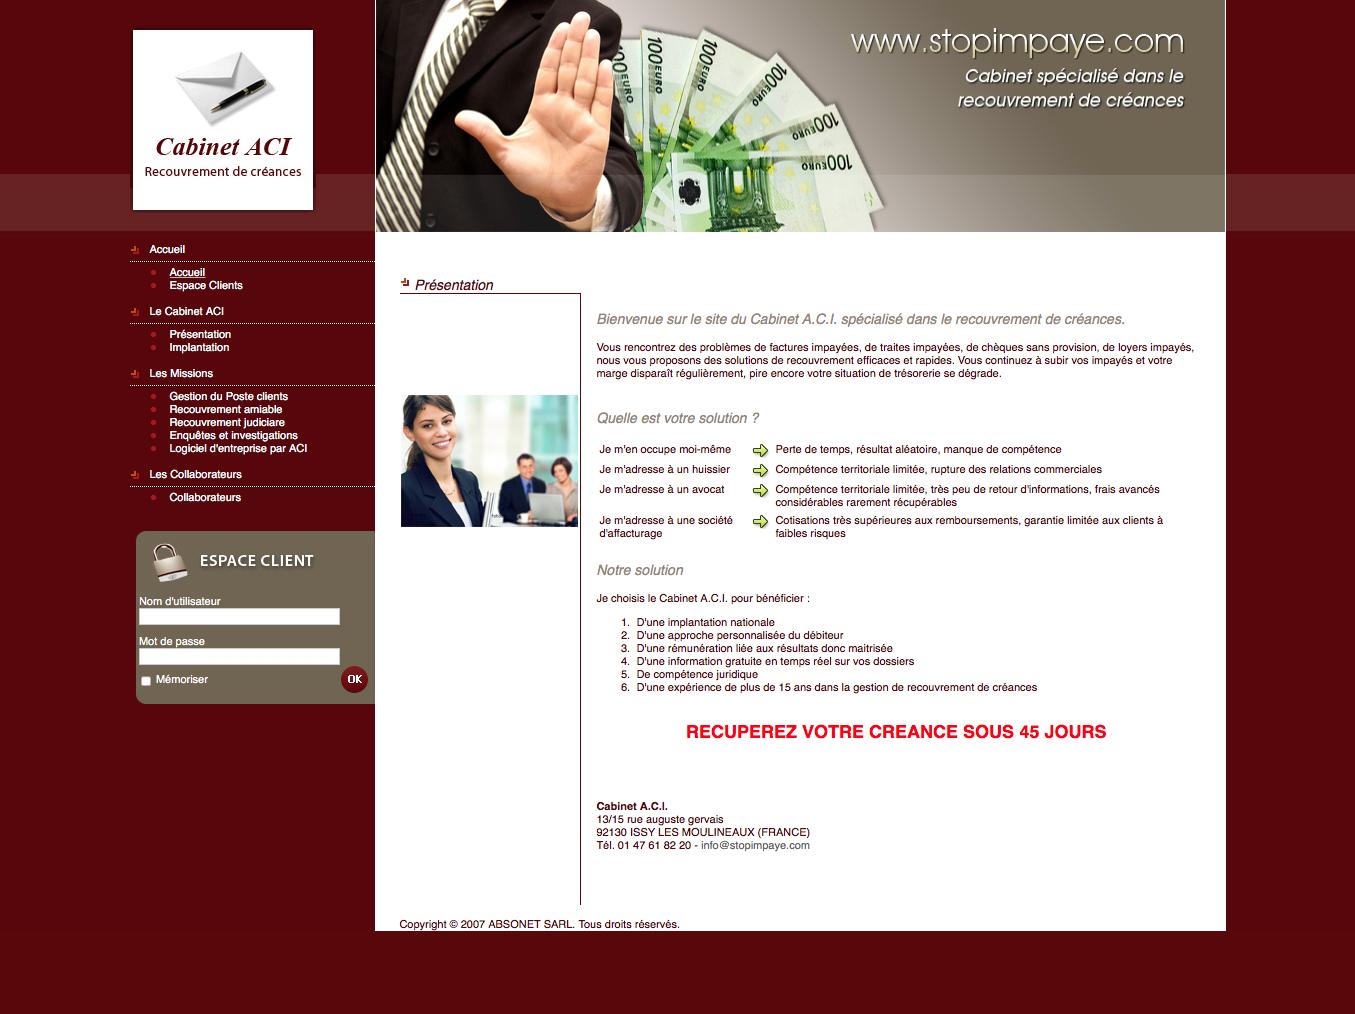 Cabinet A.C.I. spécialisé dans le recouvrement de créances